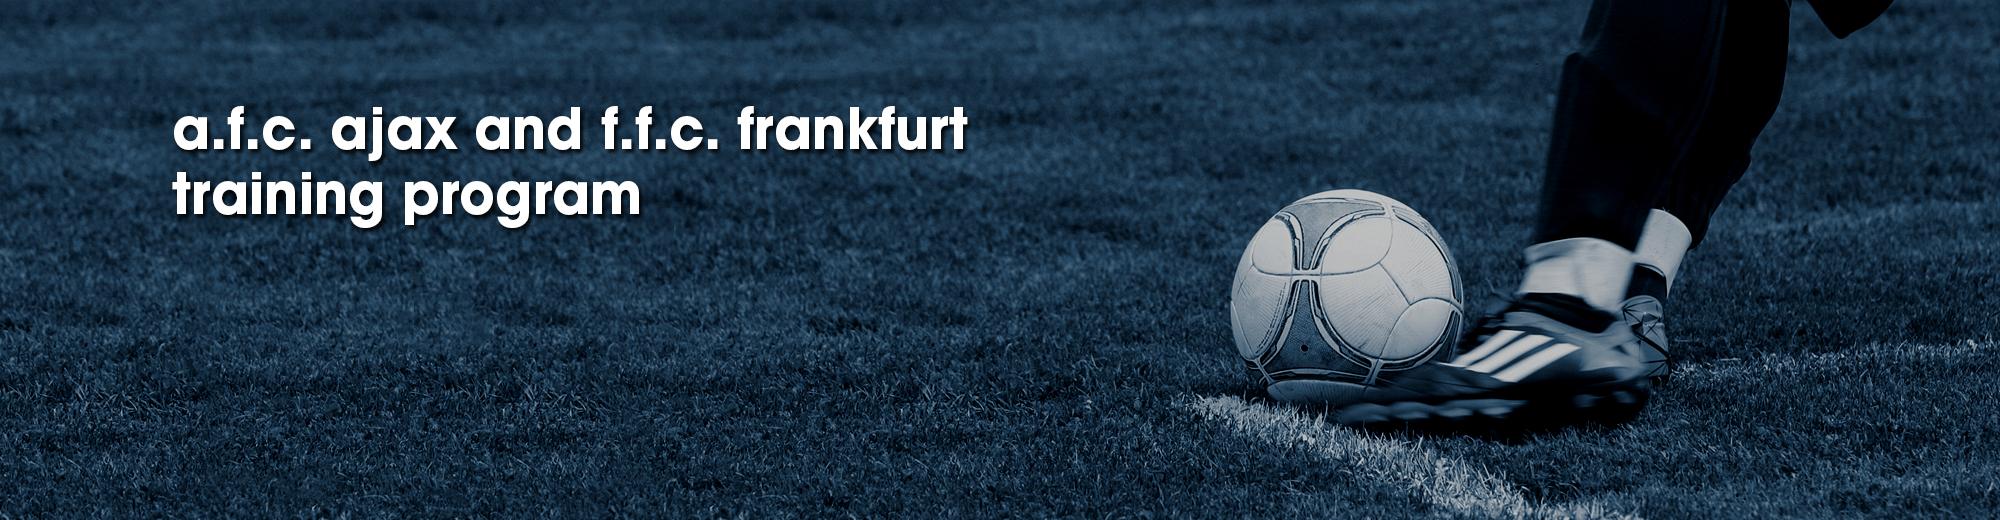 program_afcajax+ffcfrankfurt